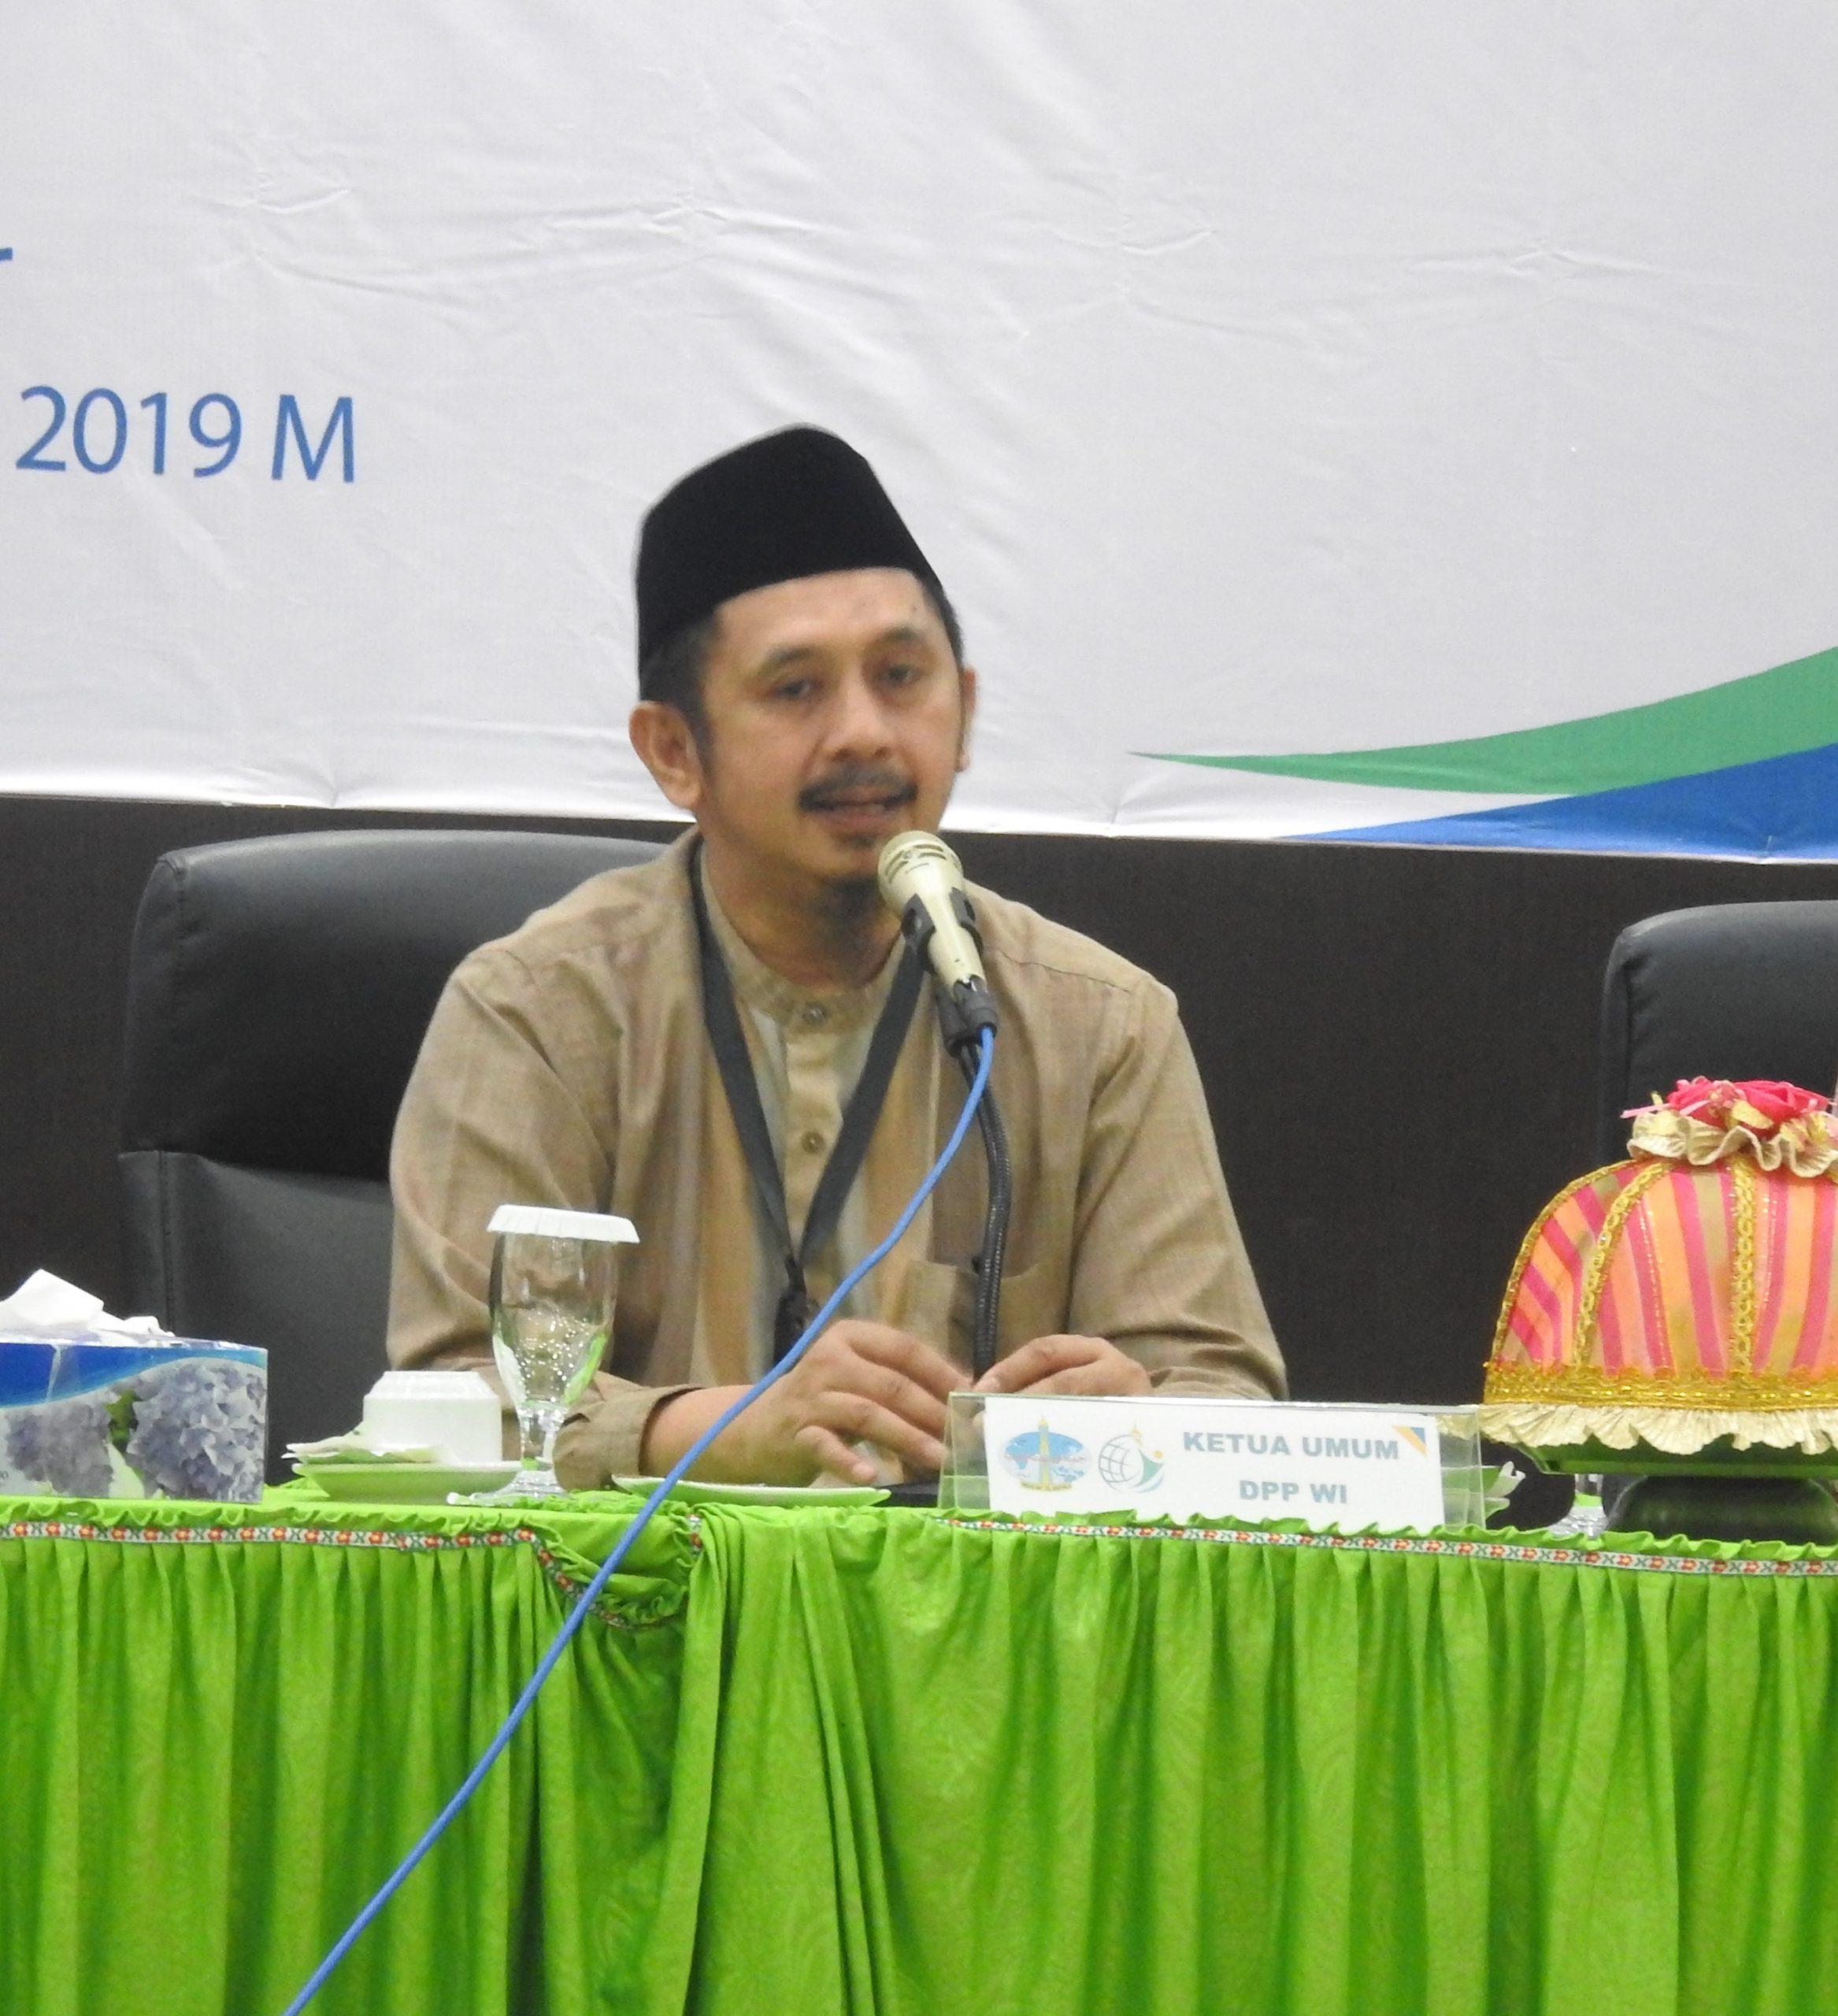 Foto Ketua Umum DPP Wahdah Islamiyah KH. Muhammad Zaitun Rasmin, menyatakan, kezaliman pemerintah Cina terhadap etnis Uighur melukai perasaan umat Islam di Indonesia.